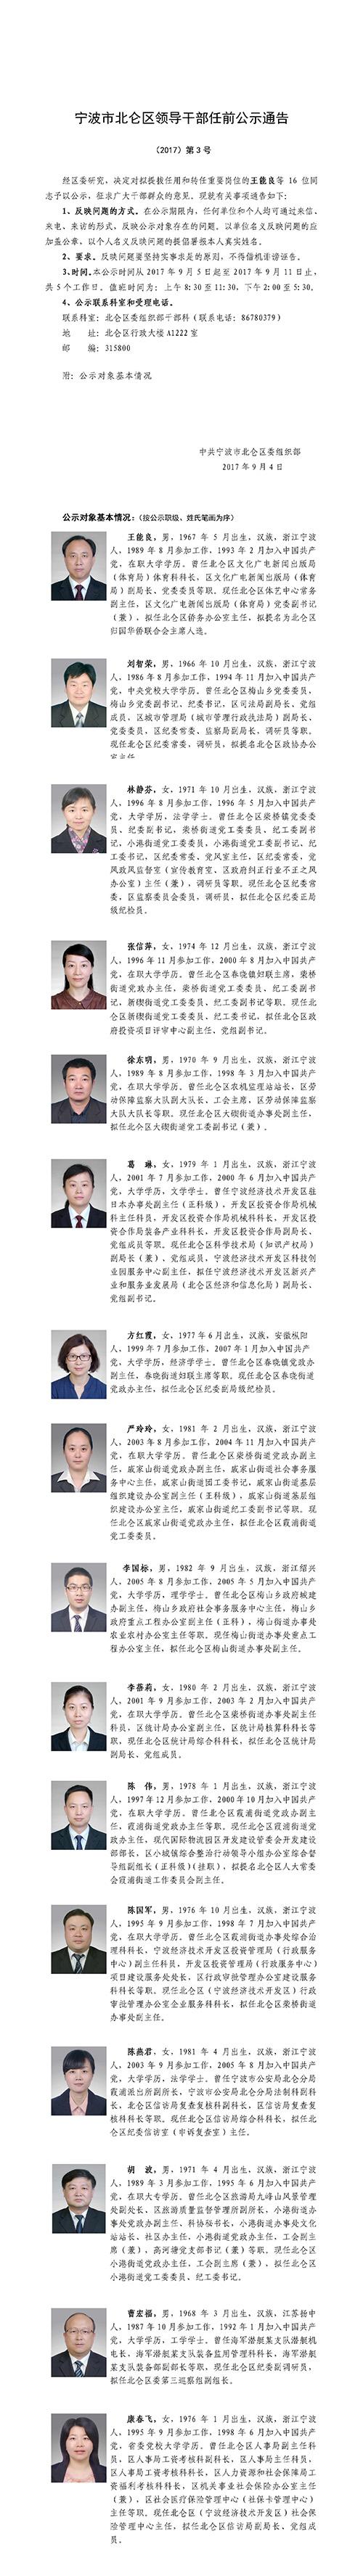 宁波市北仑区领导干部任前公示通告